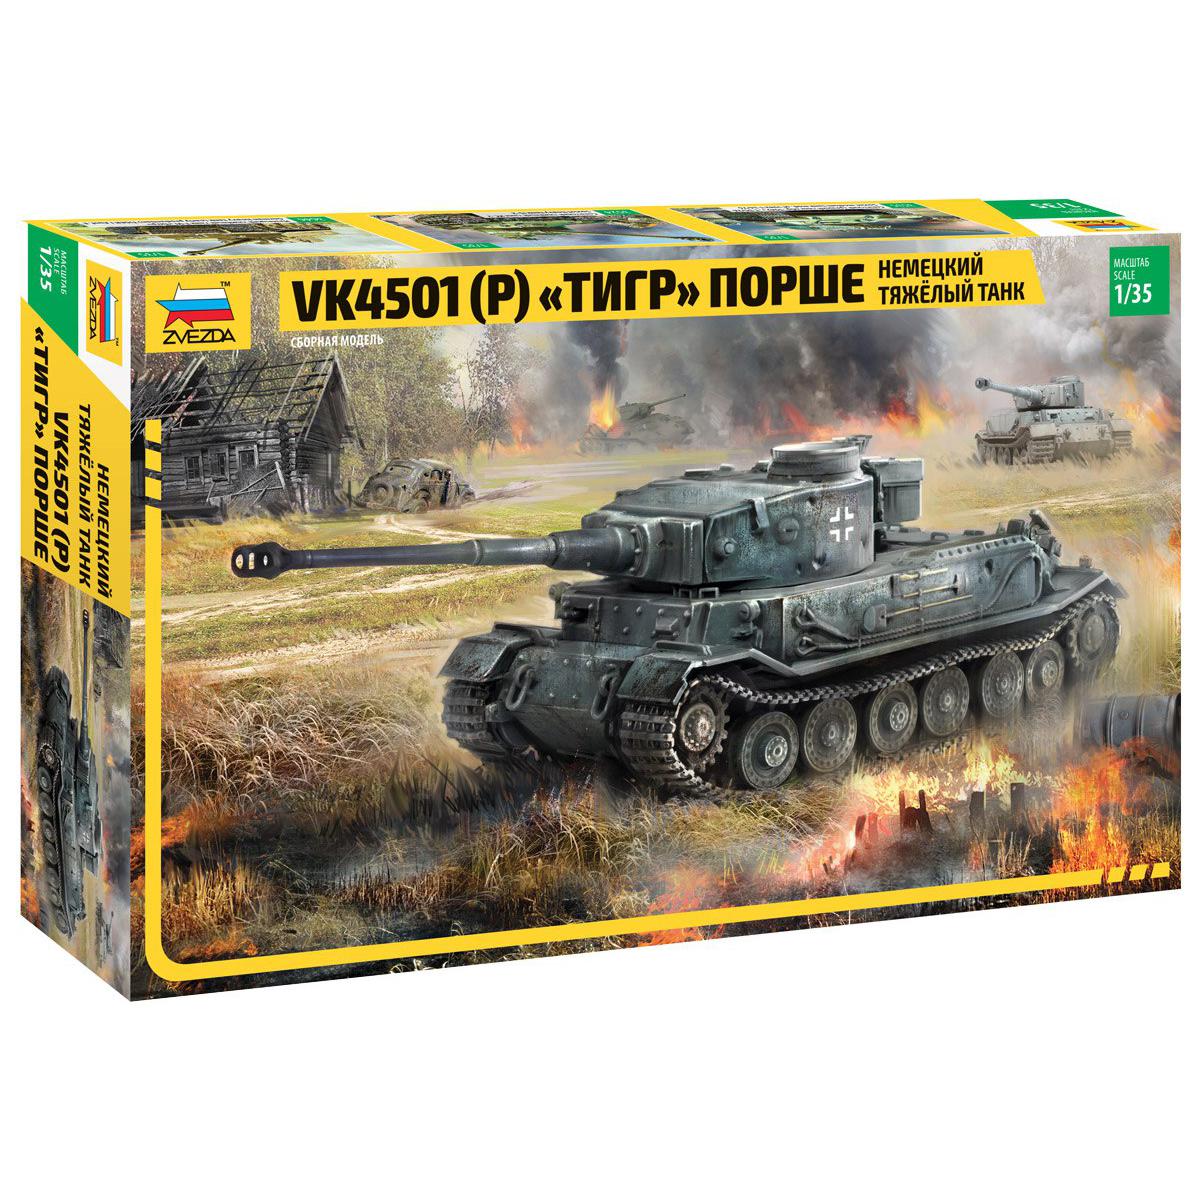 Купить Модель сборная - Немецкий тяжелый танк Тигр - Порше, Звезда